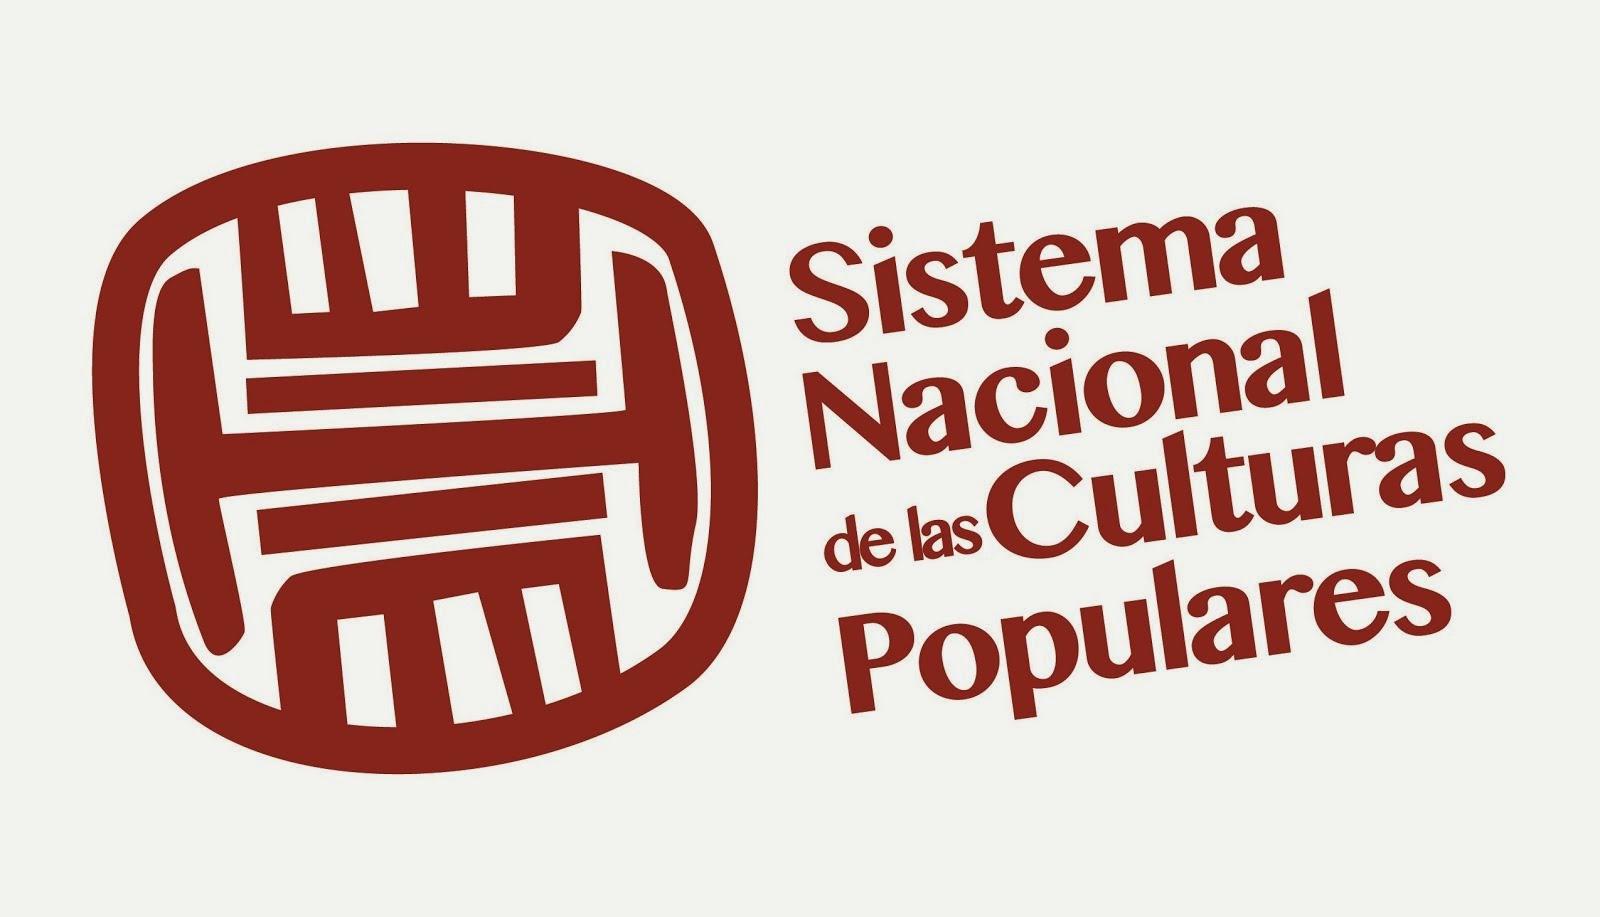 GESTIÓN CULTURAL EFICIENTE: Nace el Sistema Nacional de Culturas Populares